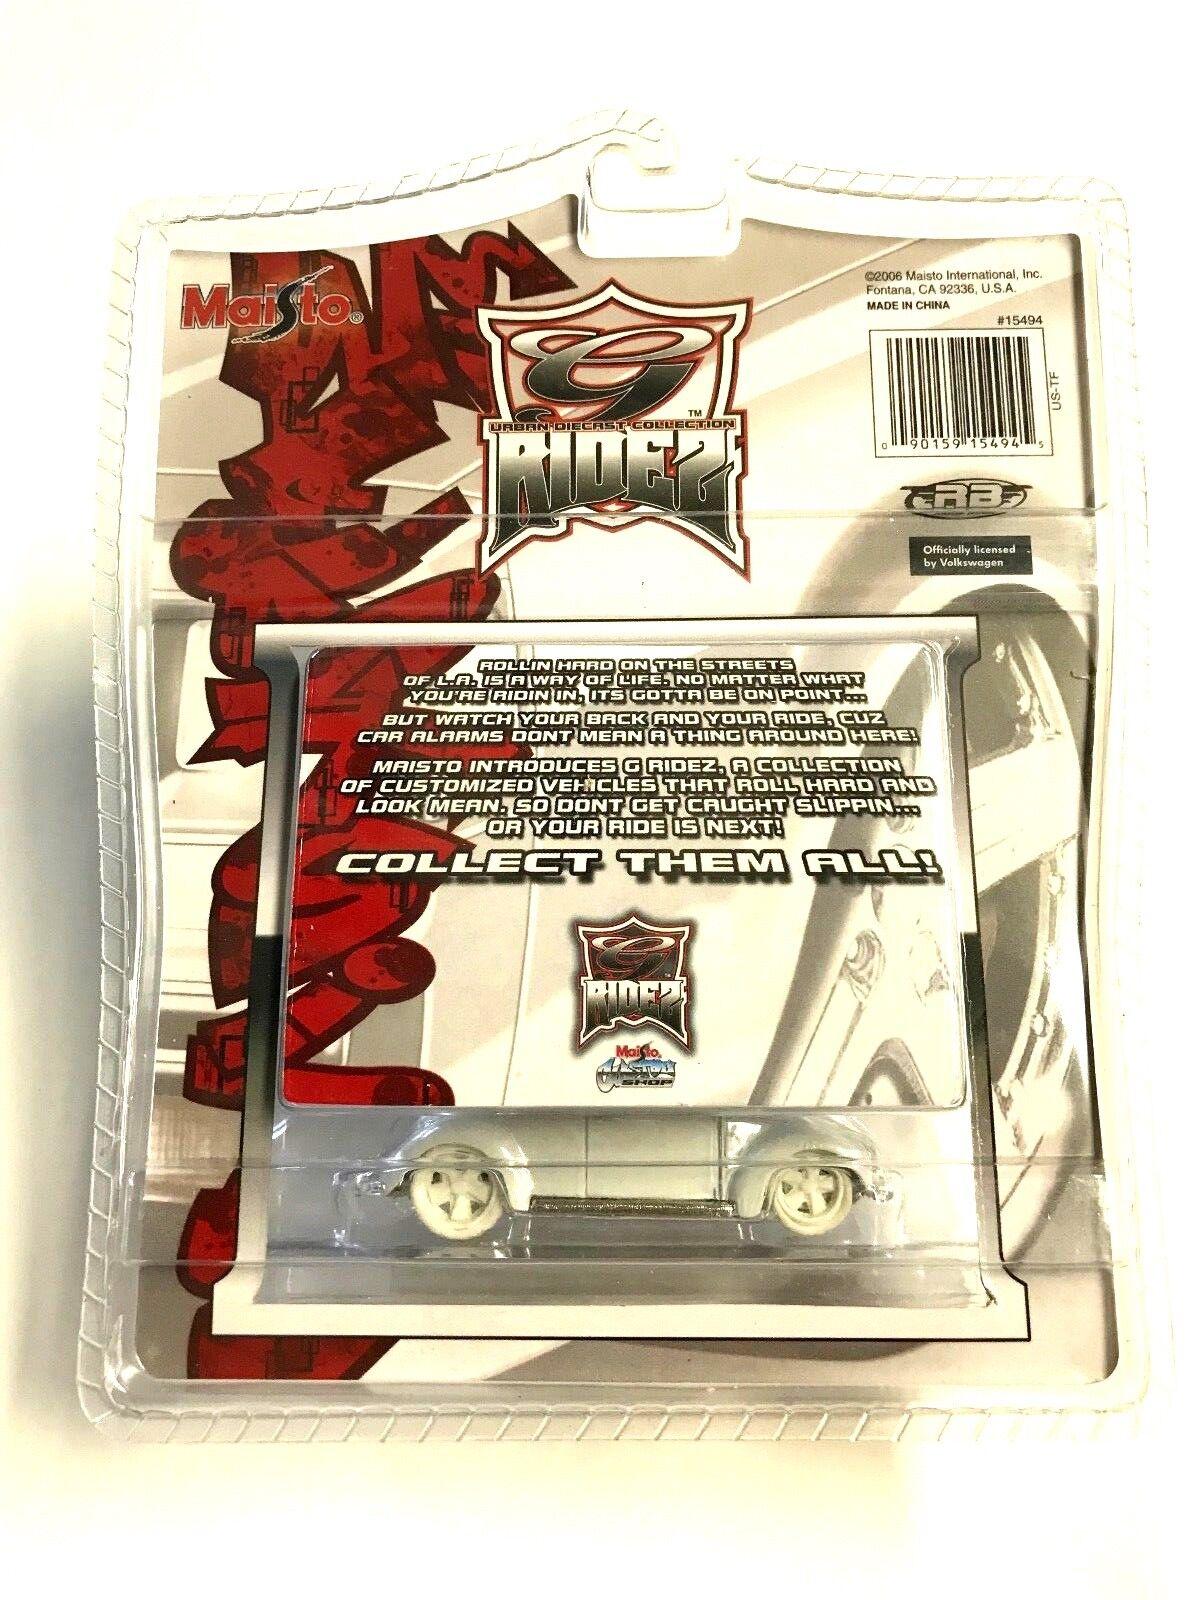 Maisto Maisto Maisto 2006 New York Toy Fair -  G Ridz  Chopped White VW Bus VHTF e83bd8